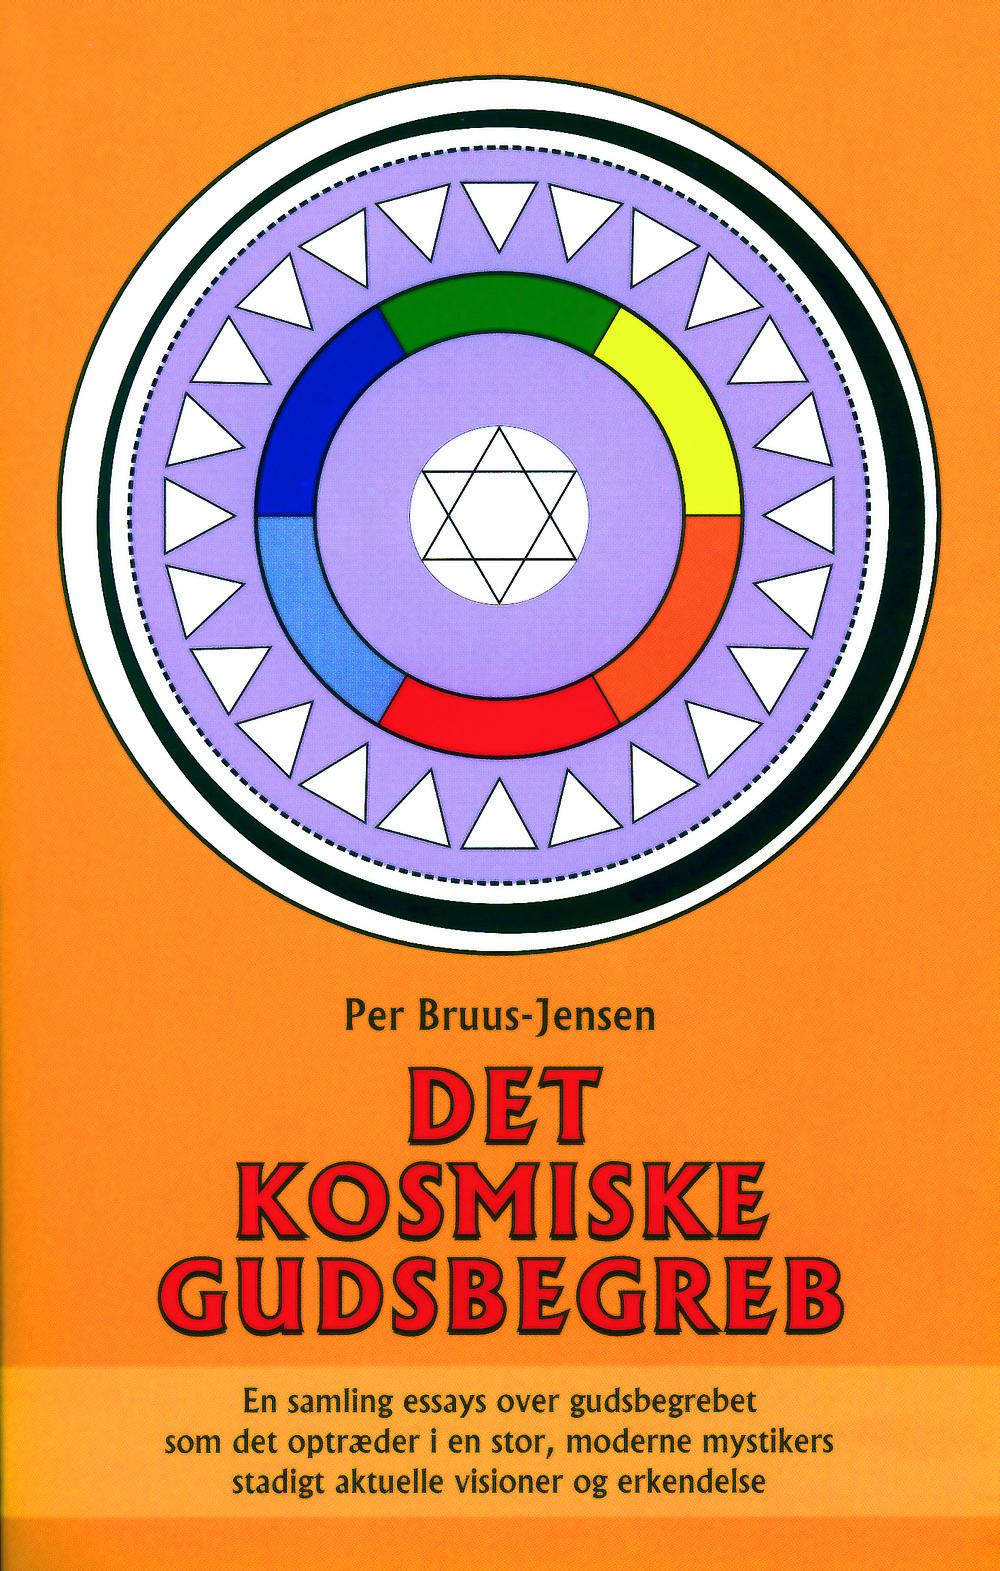 Det Kosmiske Gudsbegreb av Per Bruus-Jensen